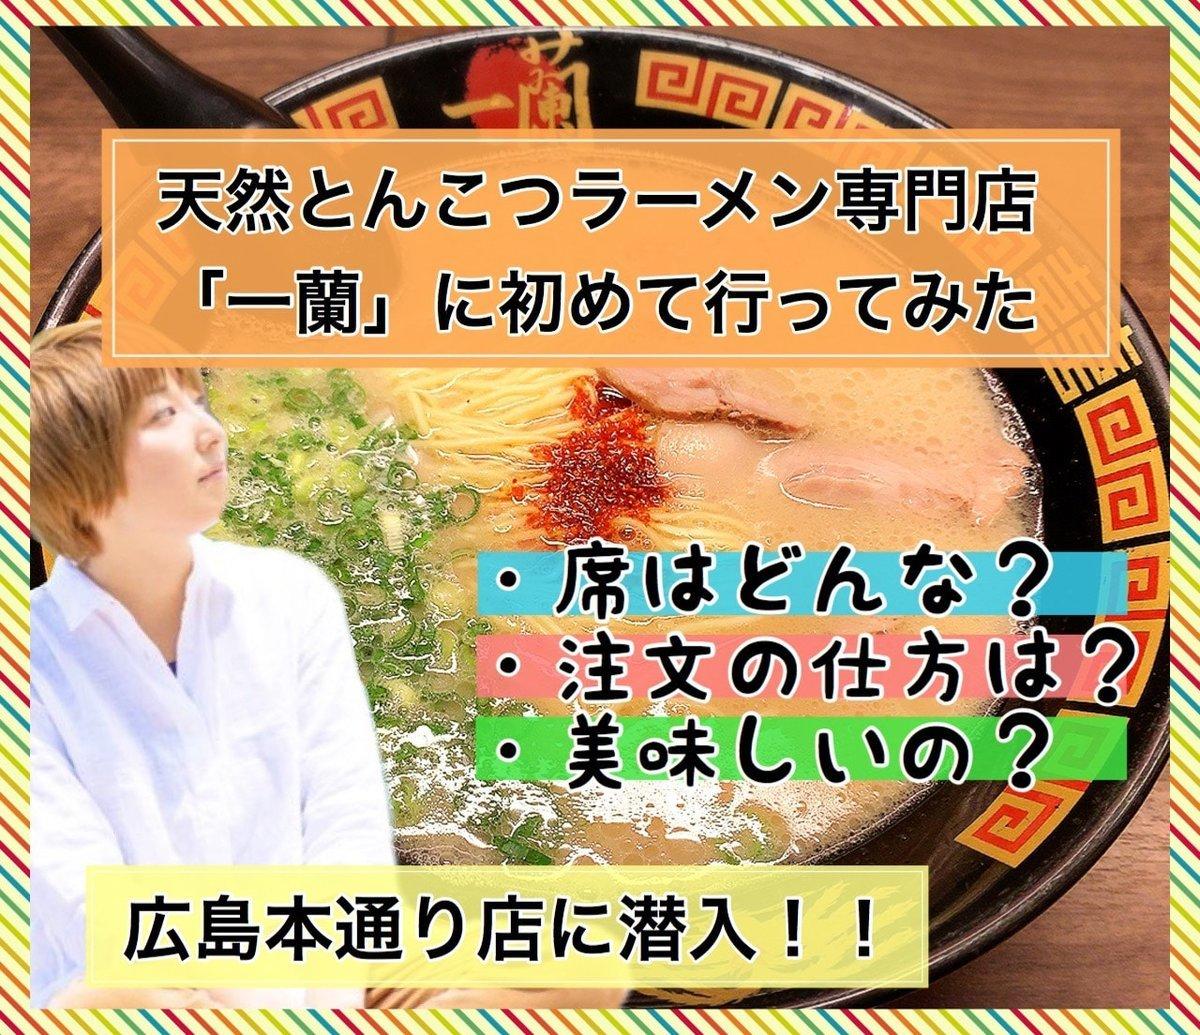 一蘭広島本通り店で初めてラーメンを食べてみた感想